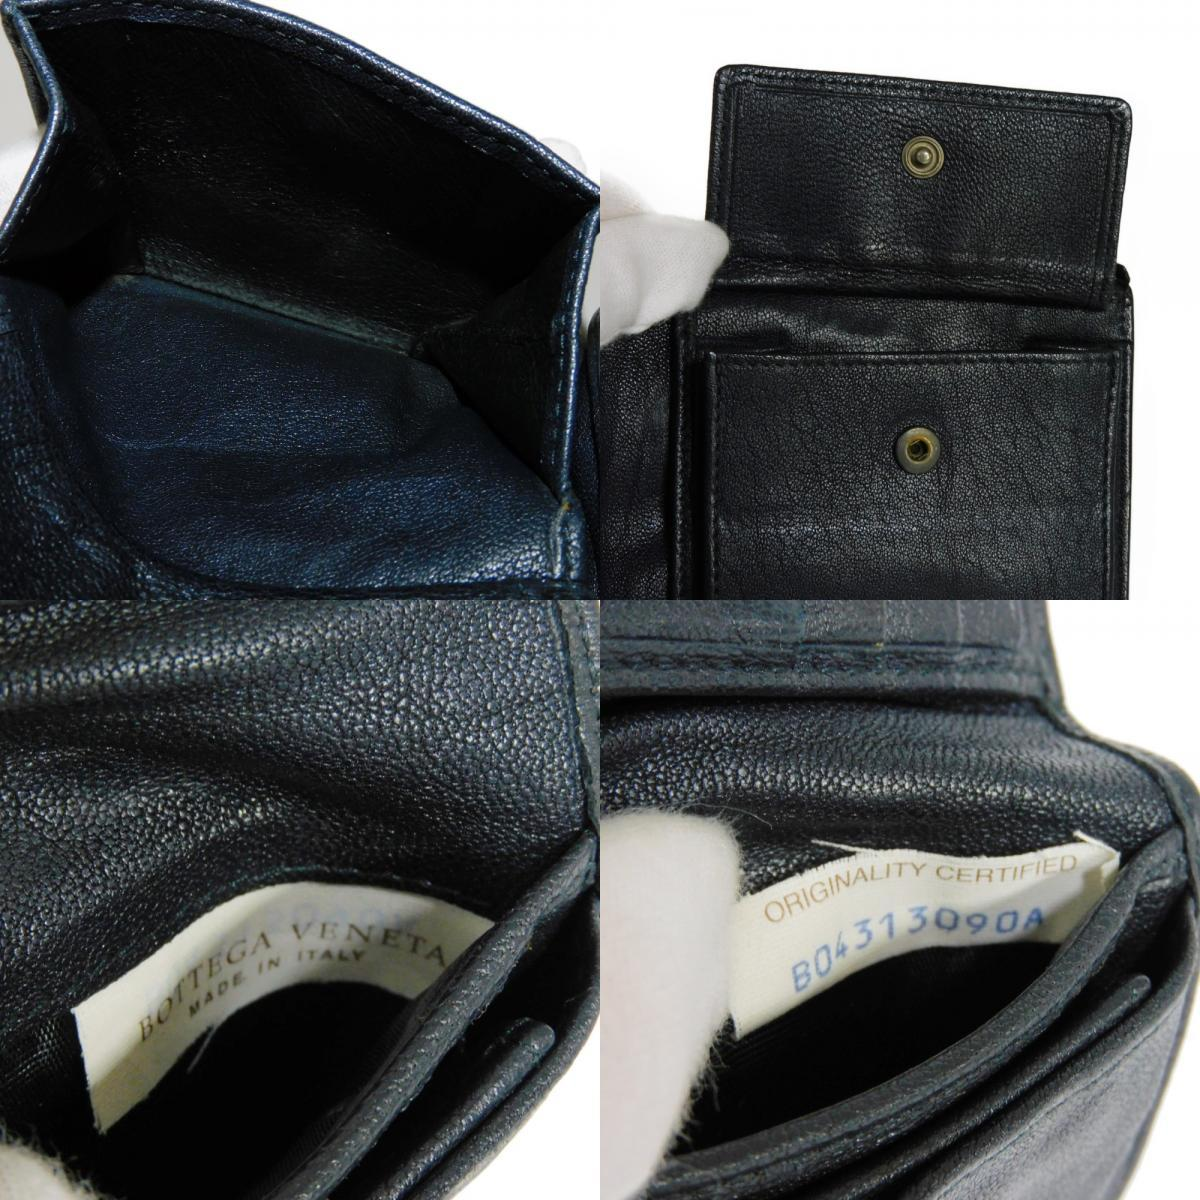 ボッテガヴェネタ コンパクトウォレット トリコロール イントレチャート 二つ折り財布 193642_画像8